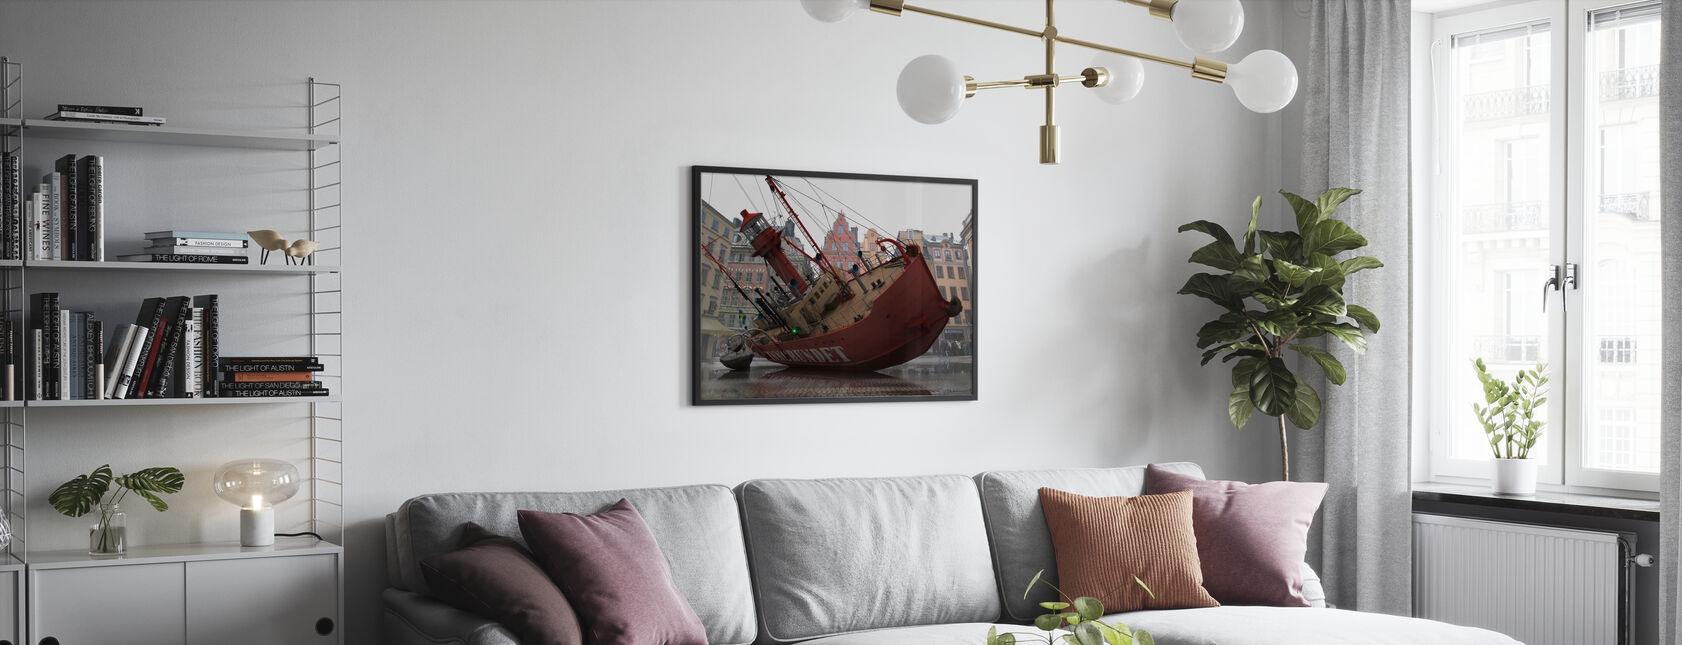 Båt i Gamla stan - Inramad tavla - Vardagsrum